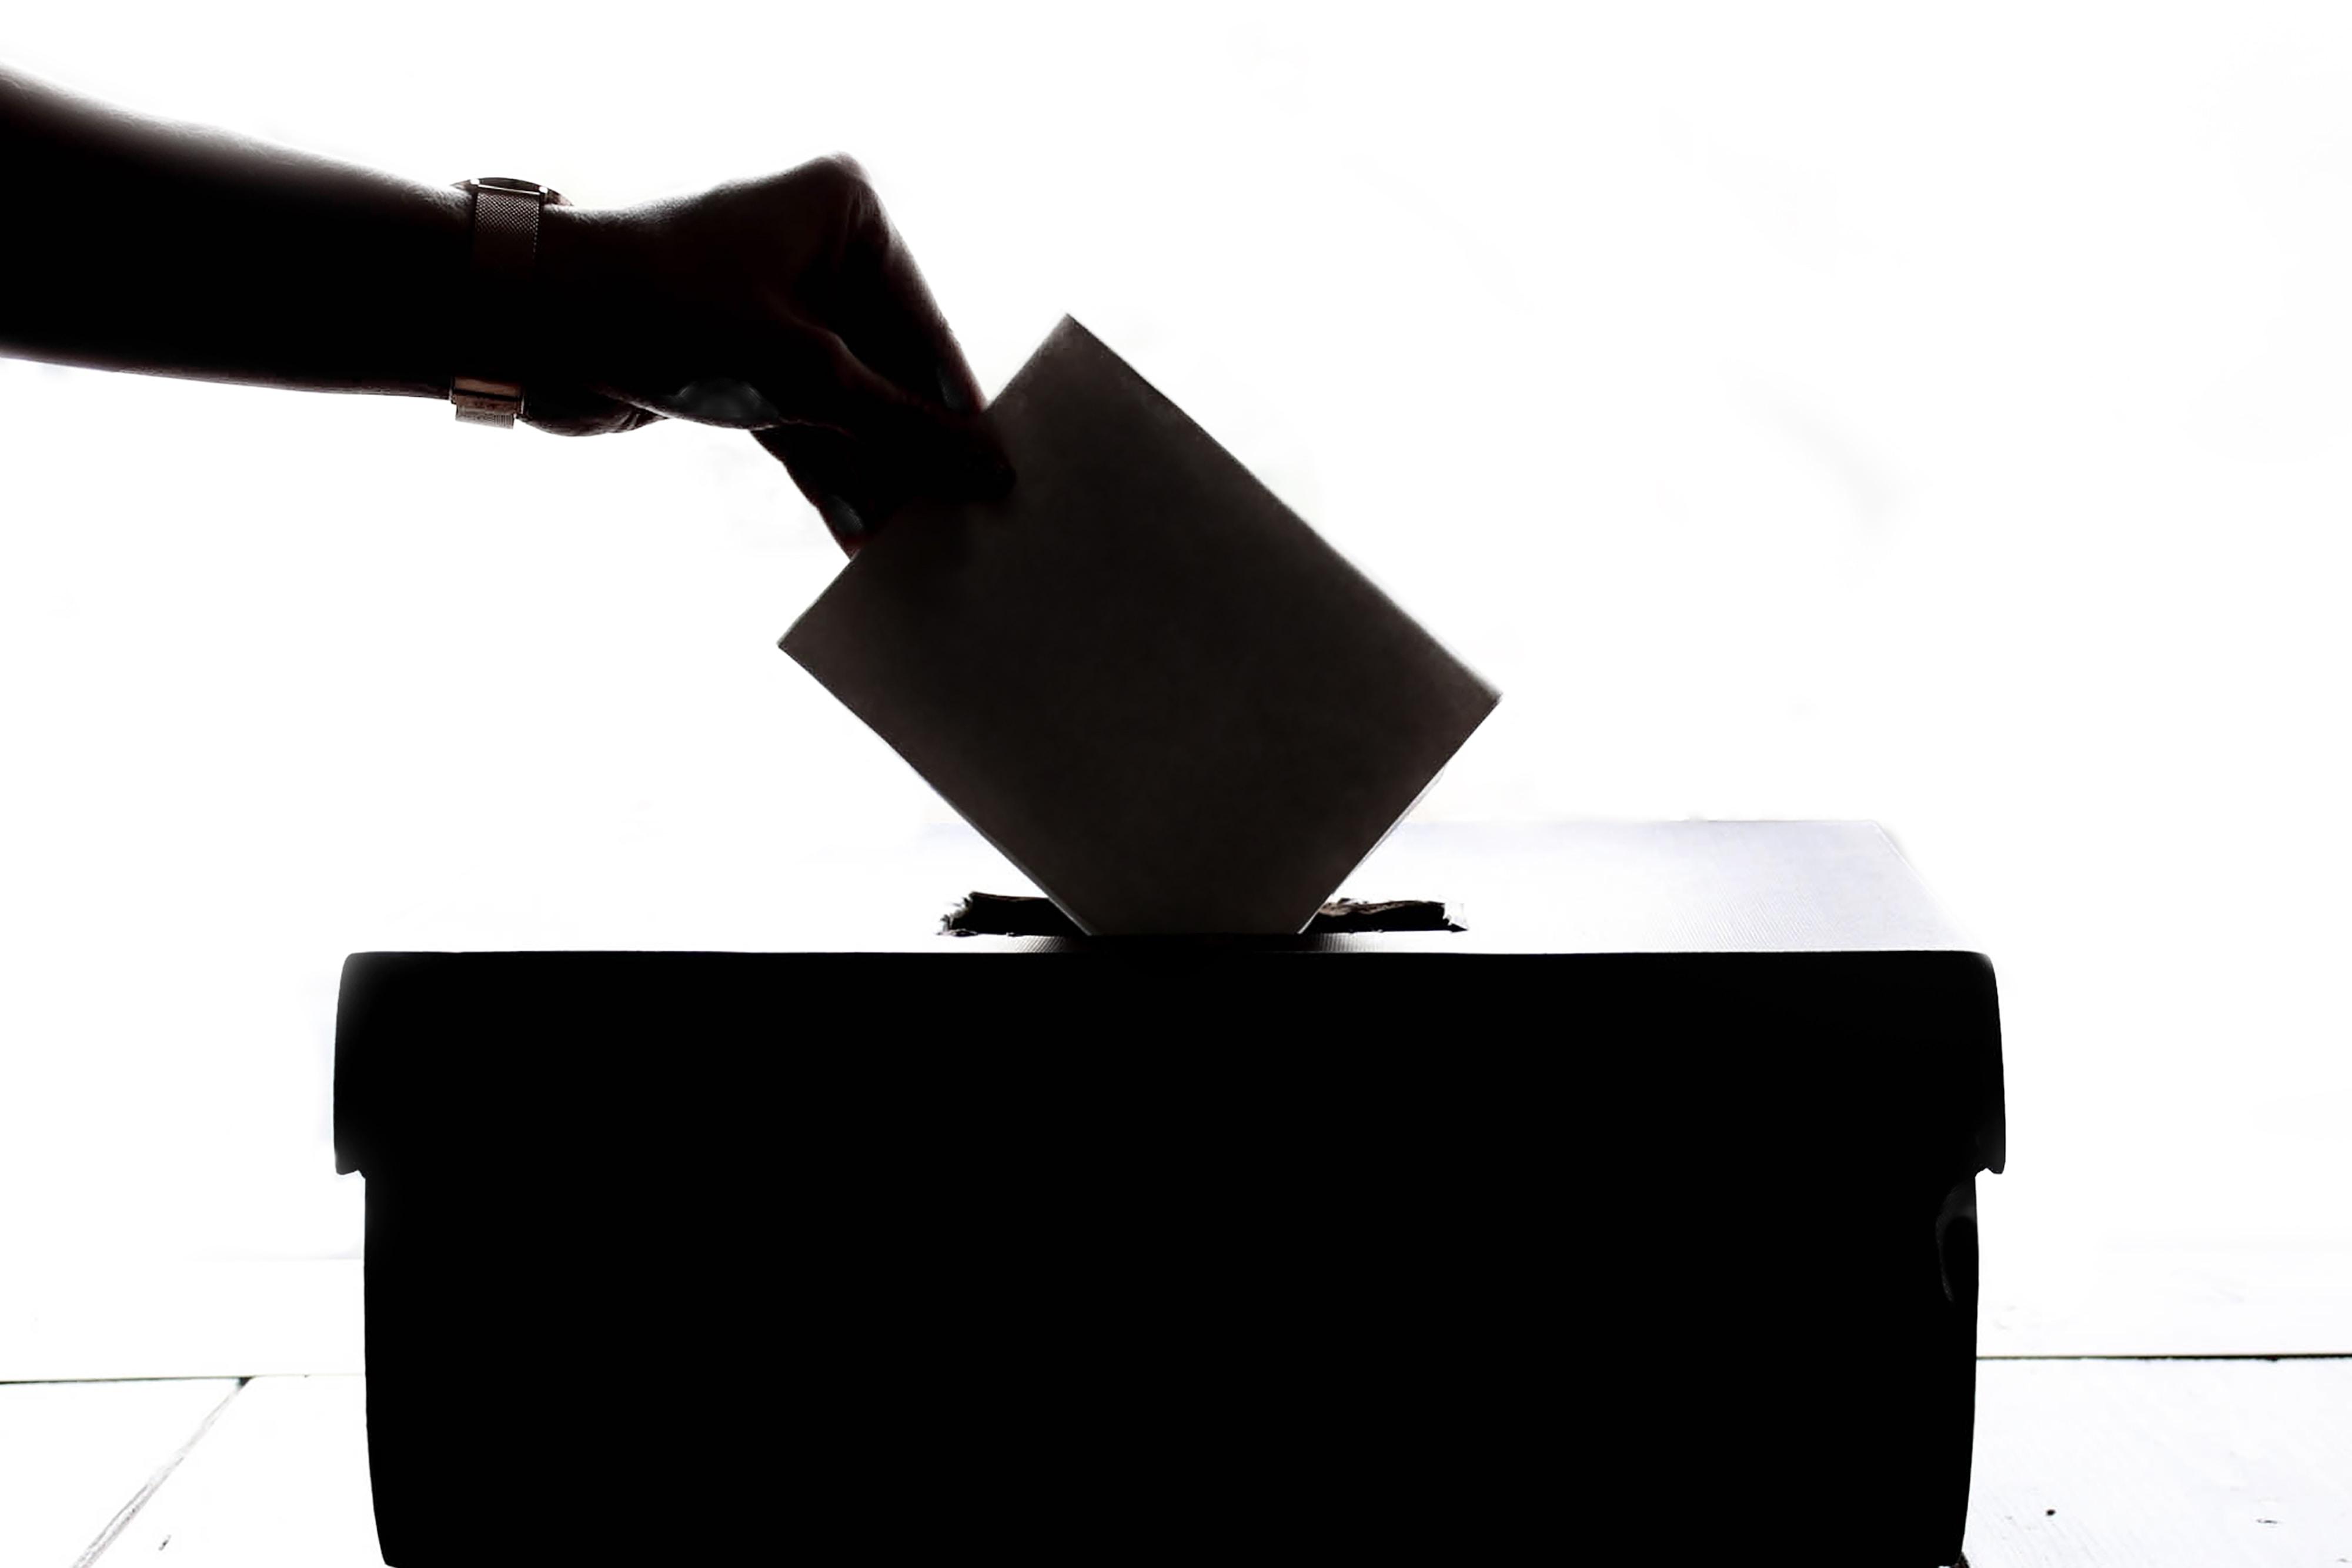 Peruanos salen a votar el domingo 26 en DC